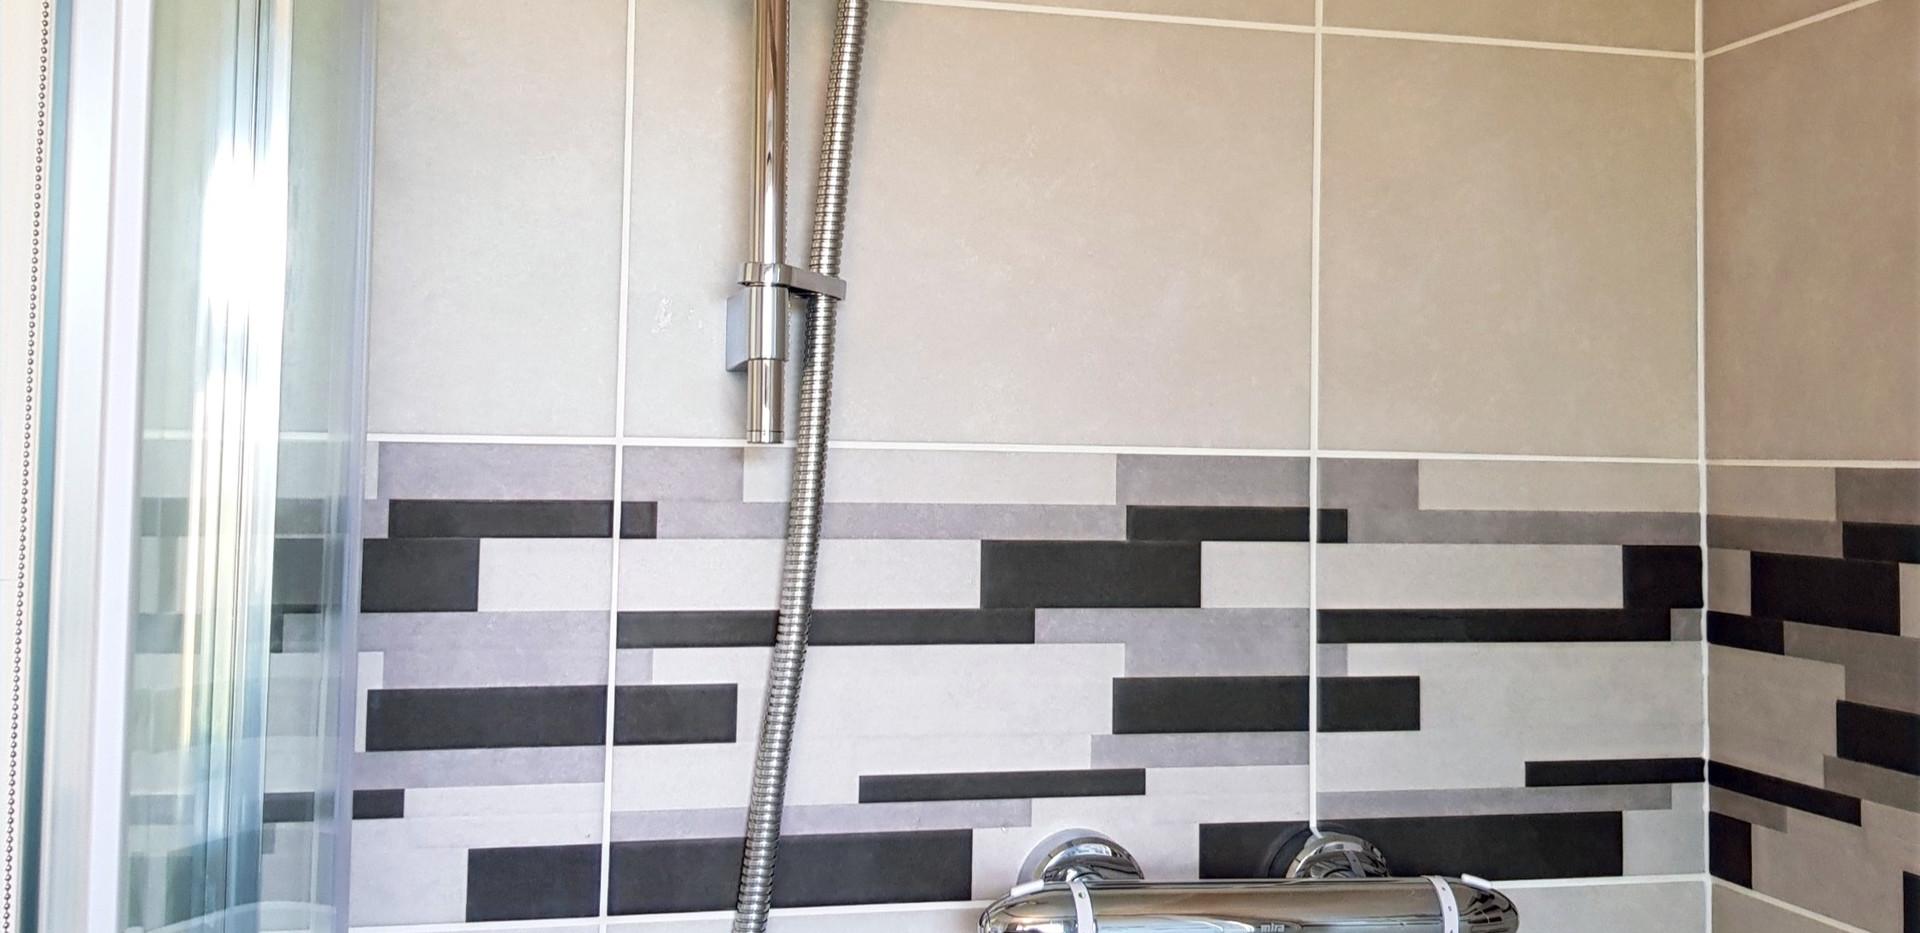 patterned decorative tiling